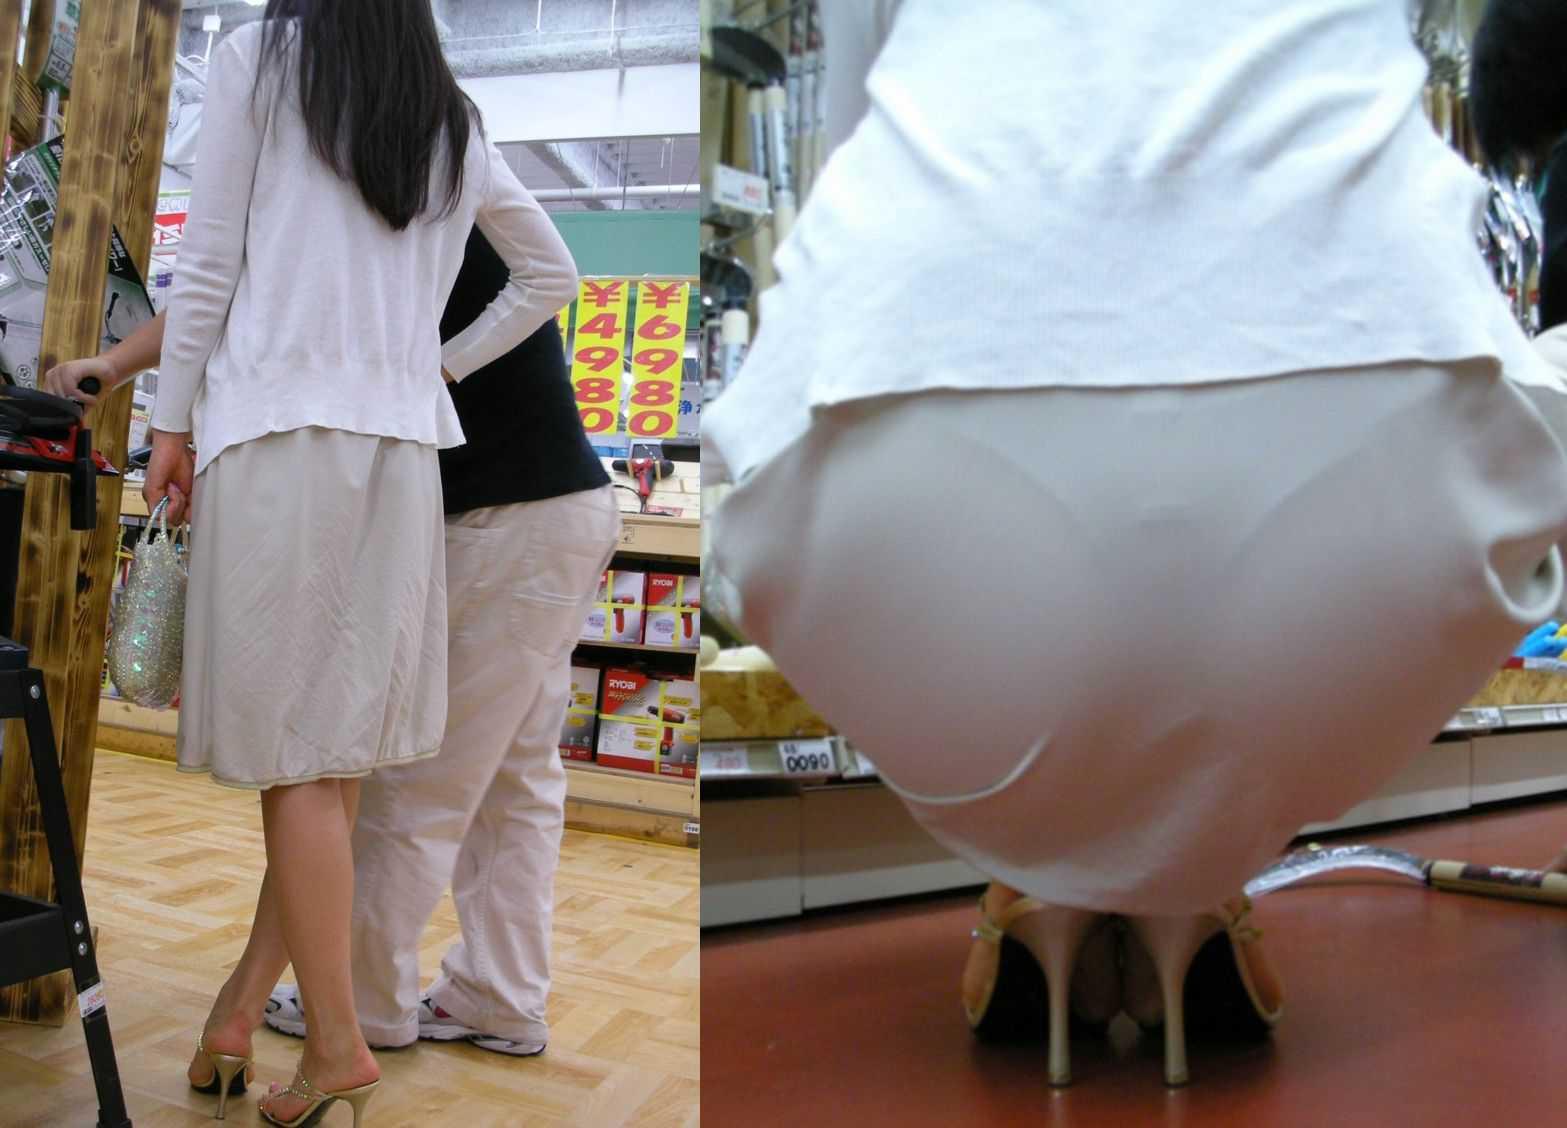 【透けパンエロ画像】大胆な下着がクッキリ!Tバック浮かせた街角の透け尻チェックwww 05